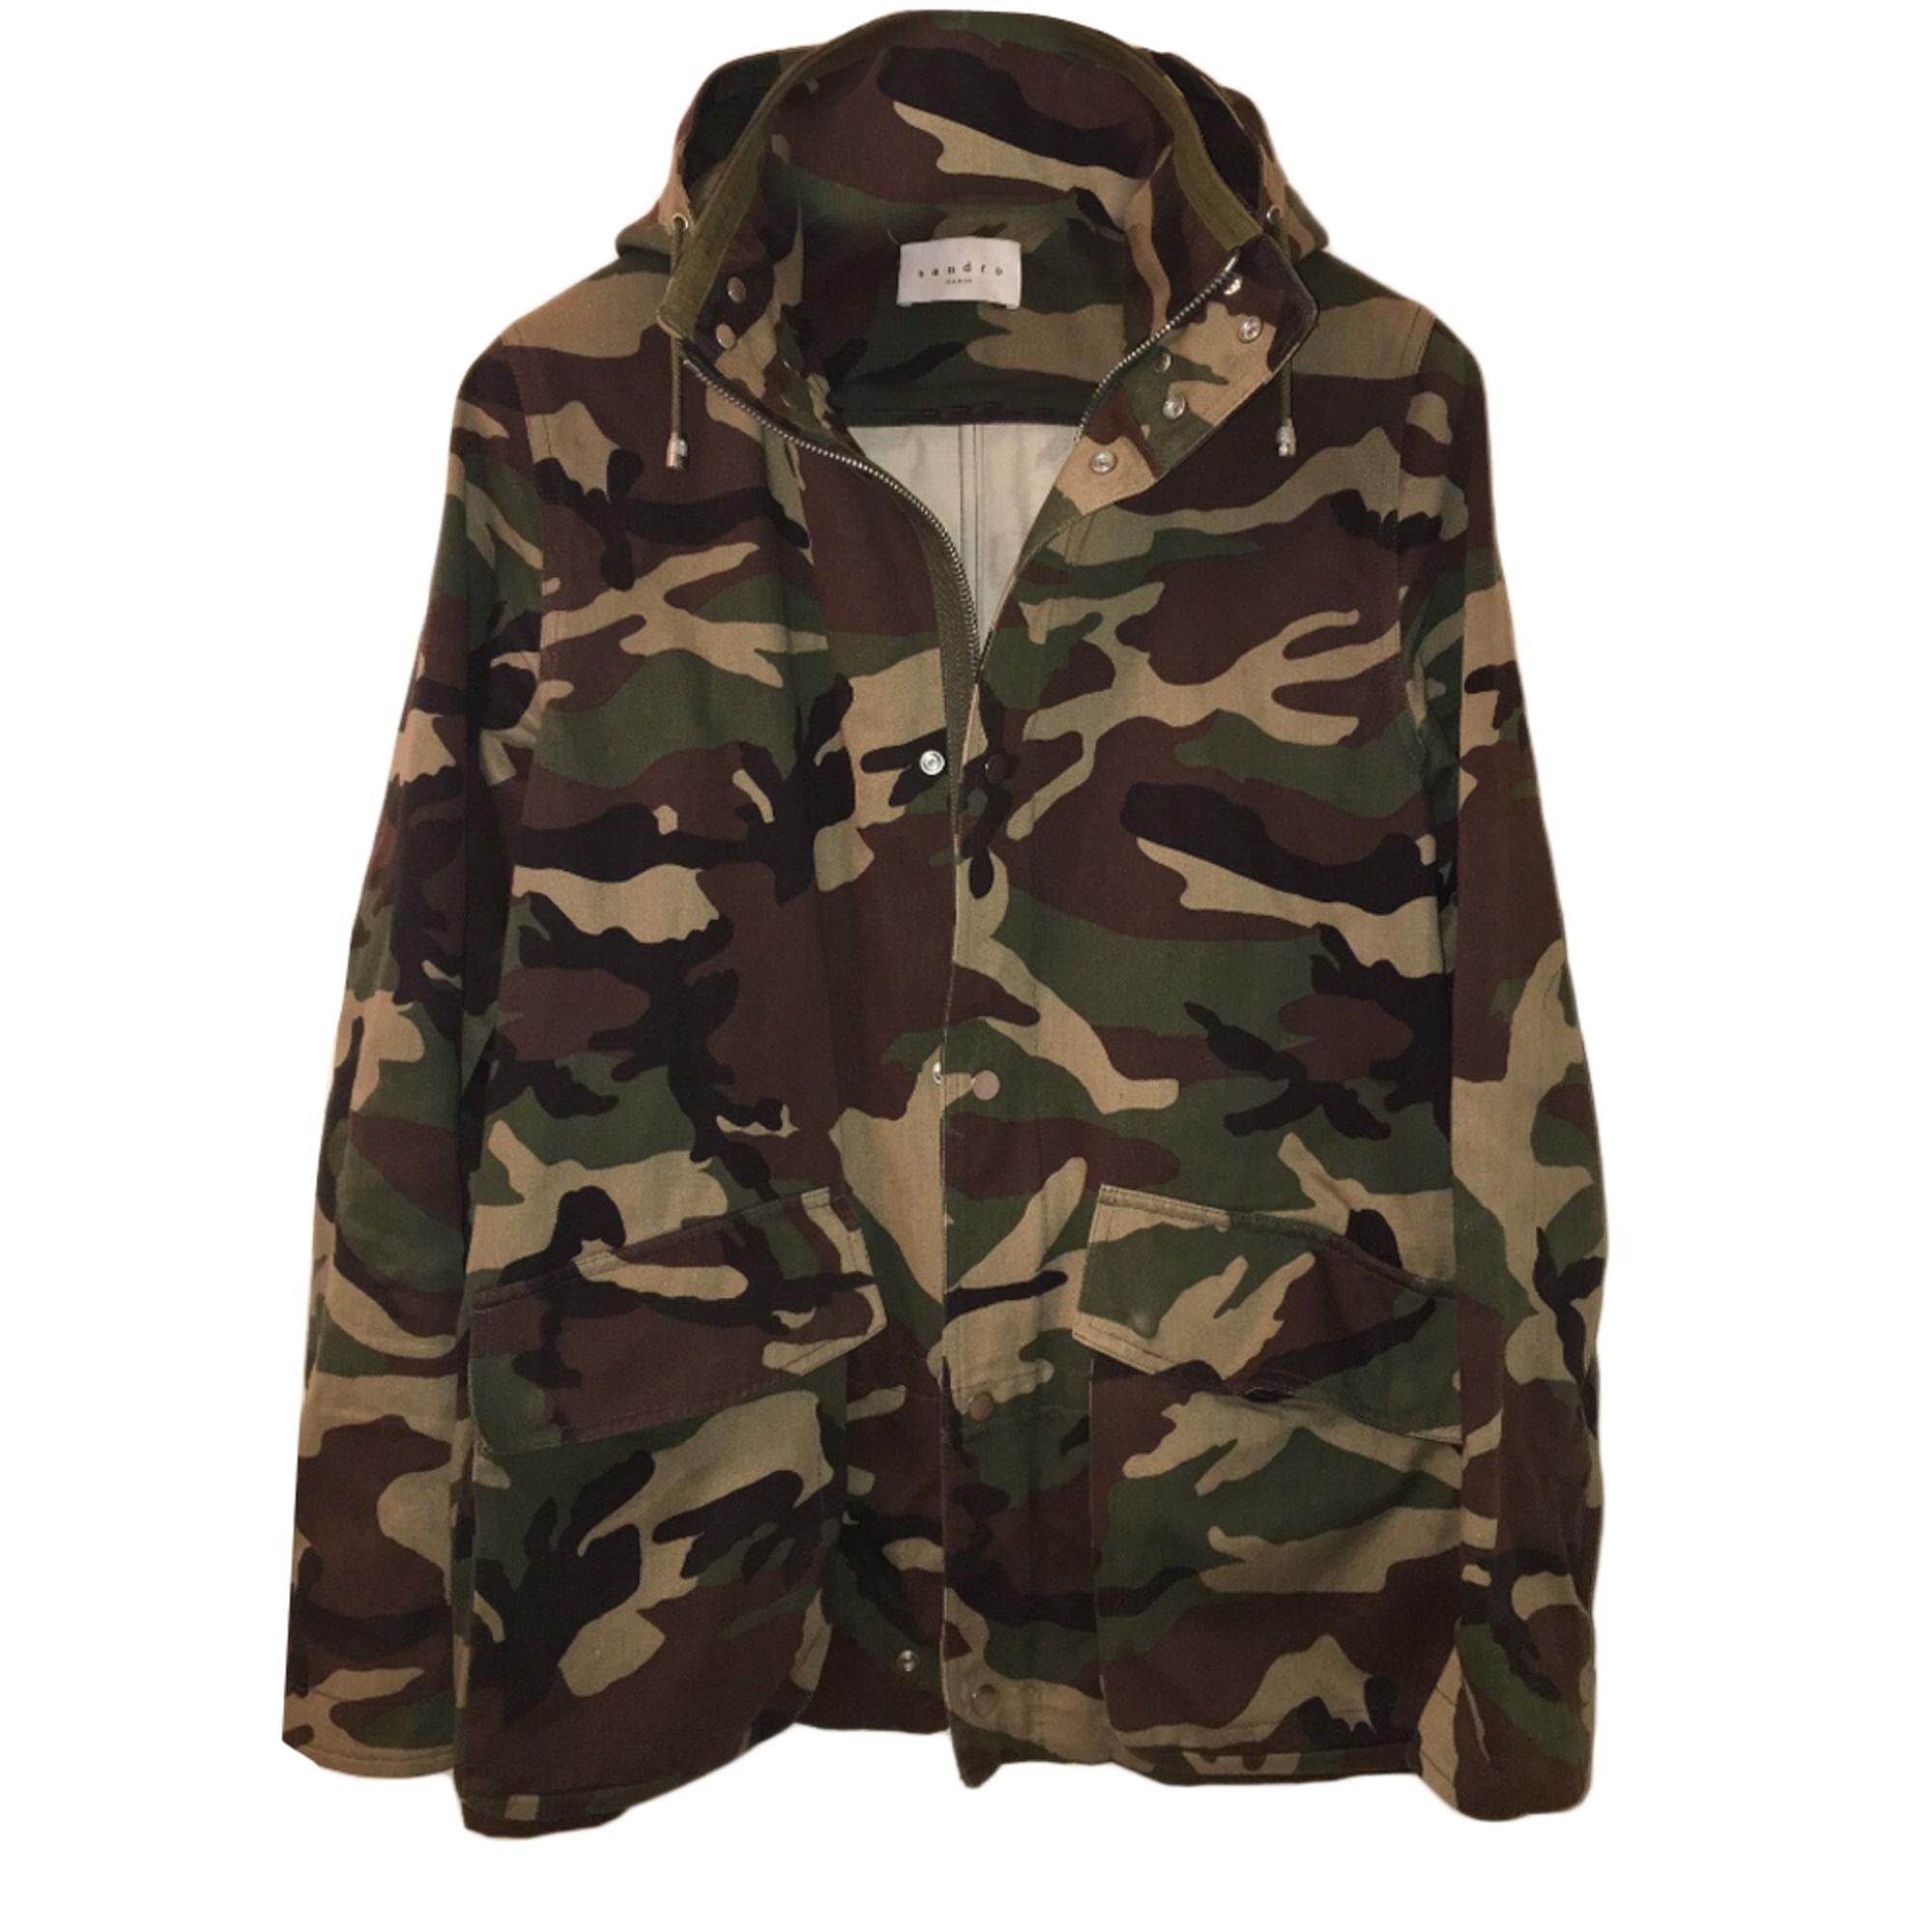 Manteau SANDRO Autre camouflage - 5661157 767753d5a94